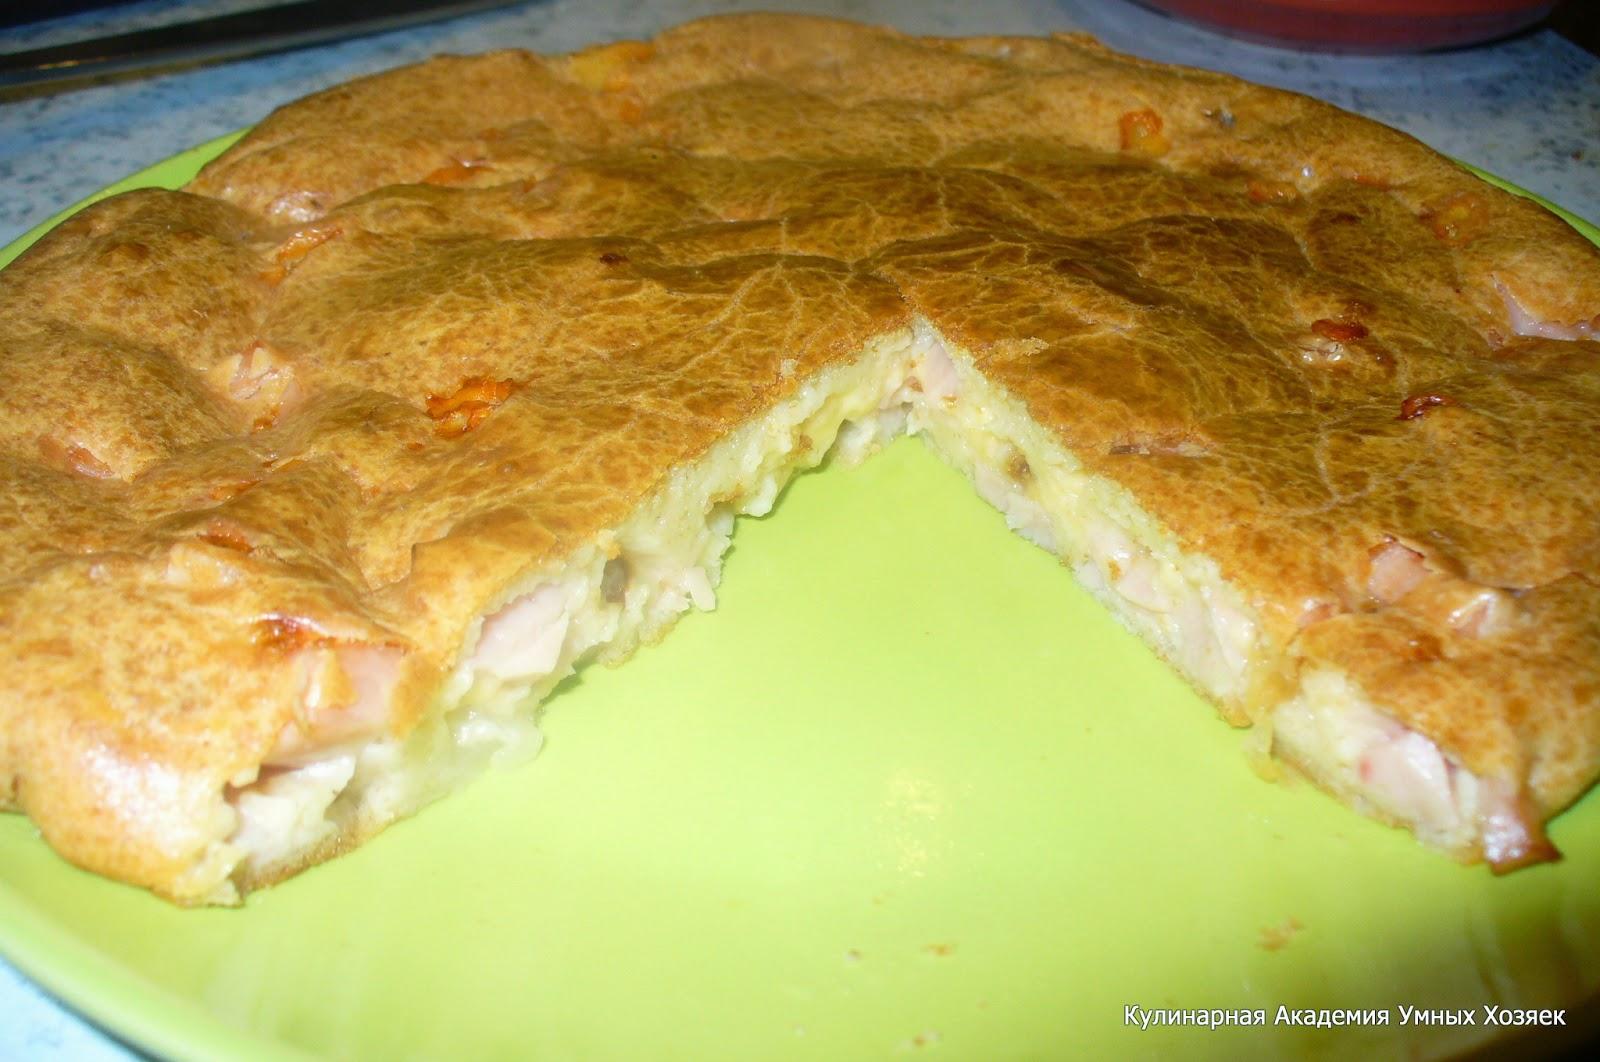 Дрожжевой пирог с рыбными консервами и капустой